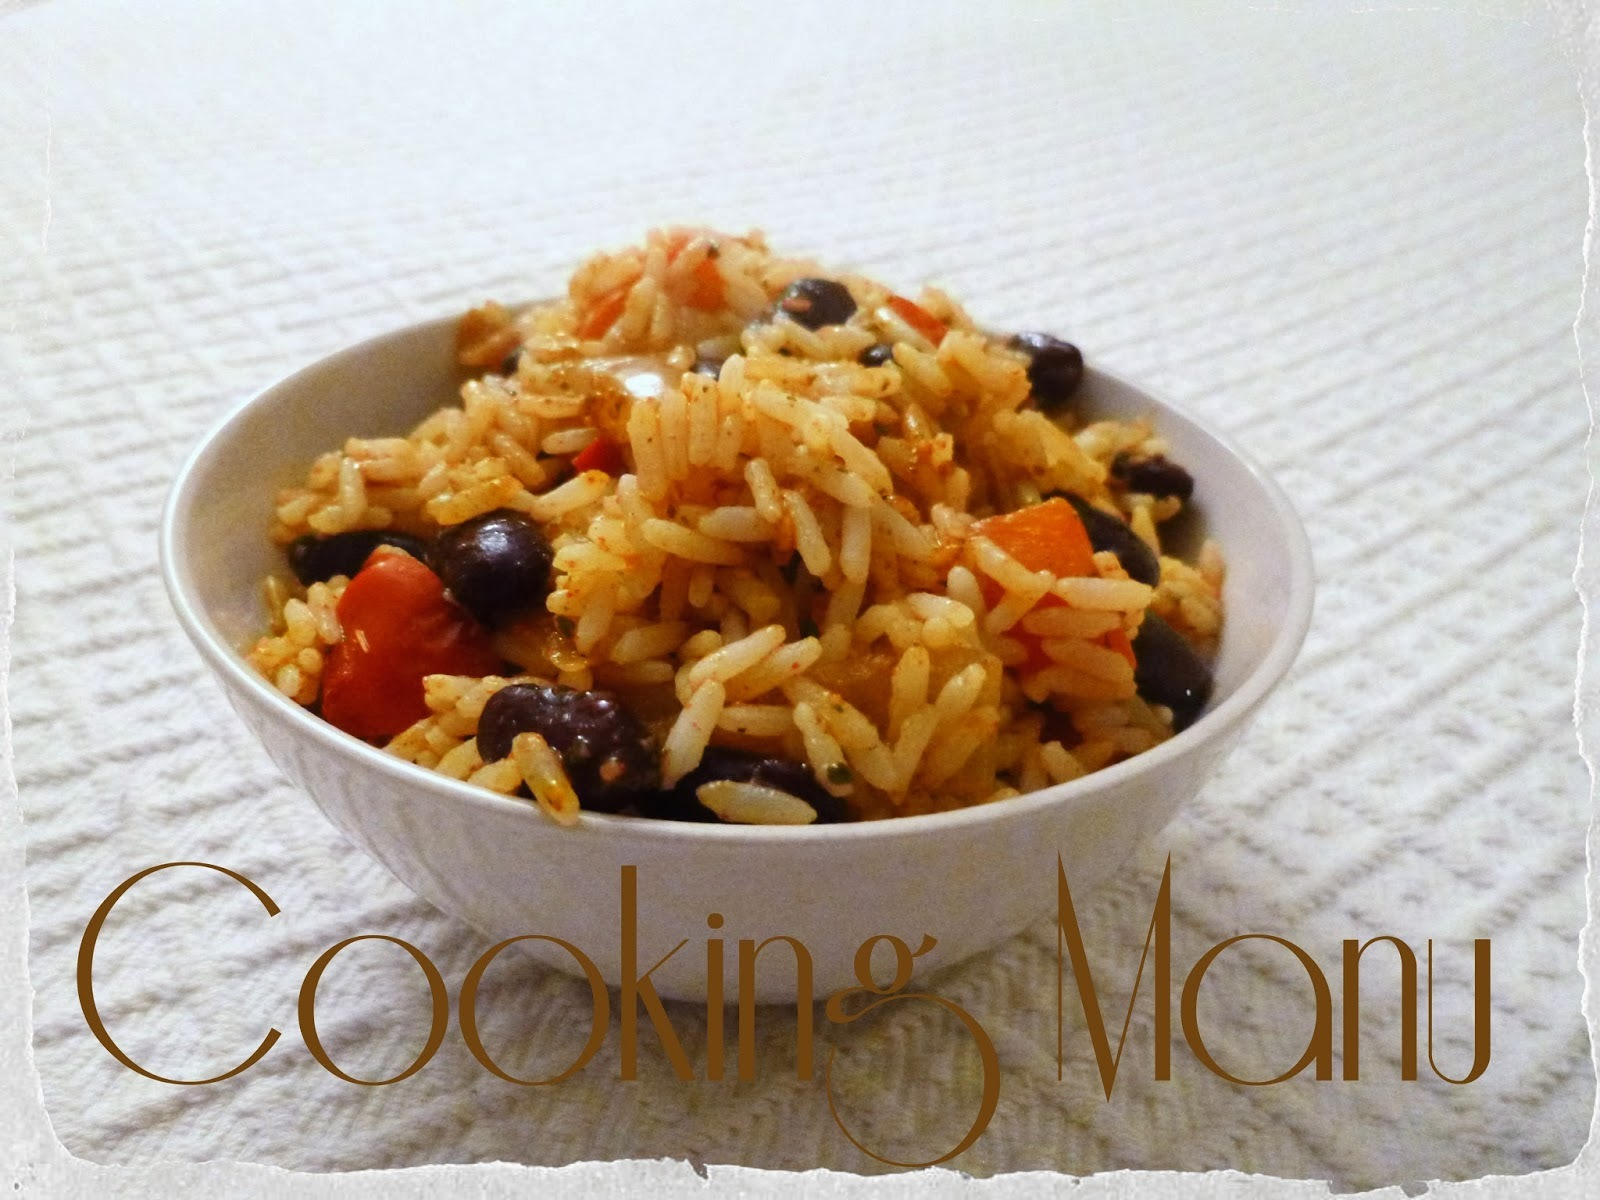 Riso Speziato alla Messicana (Spiced Mexican Rice)